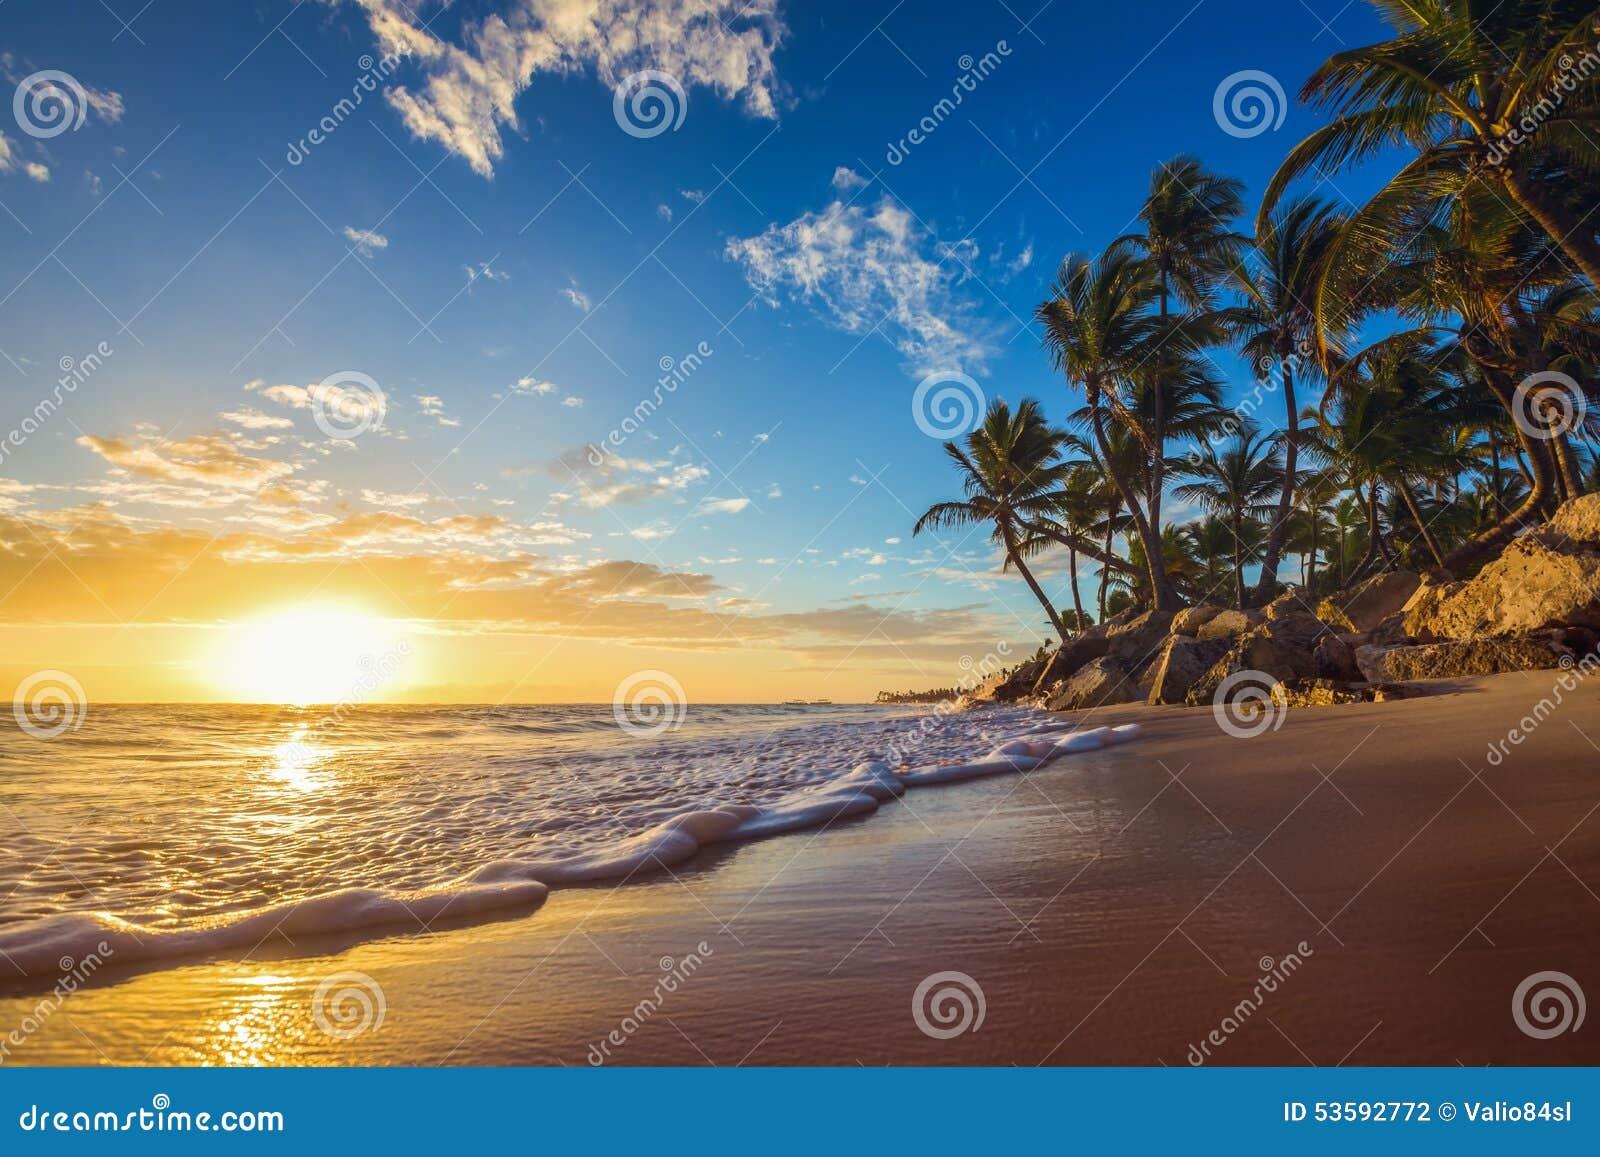 ocean landscapes beach paradise - photo #29